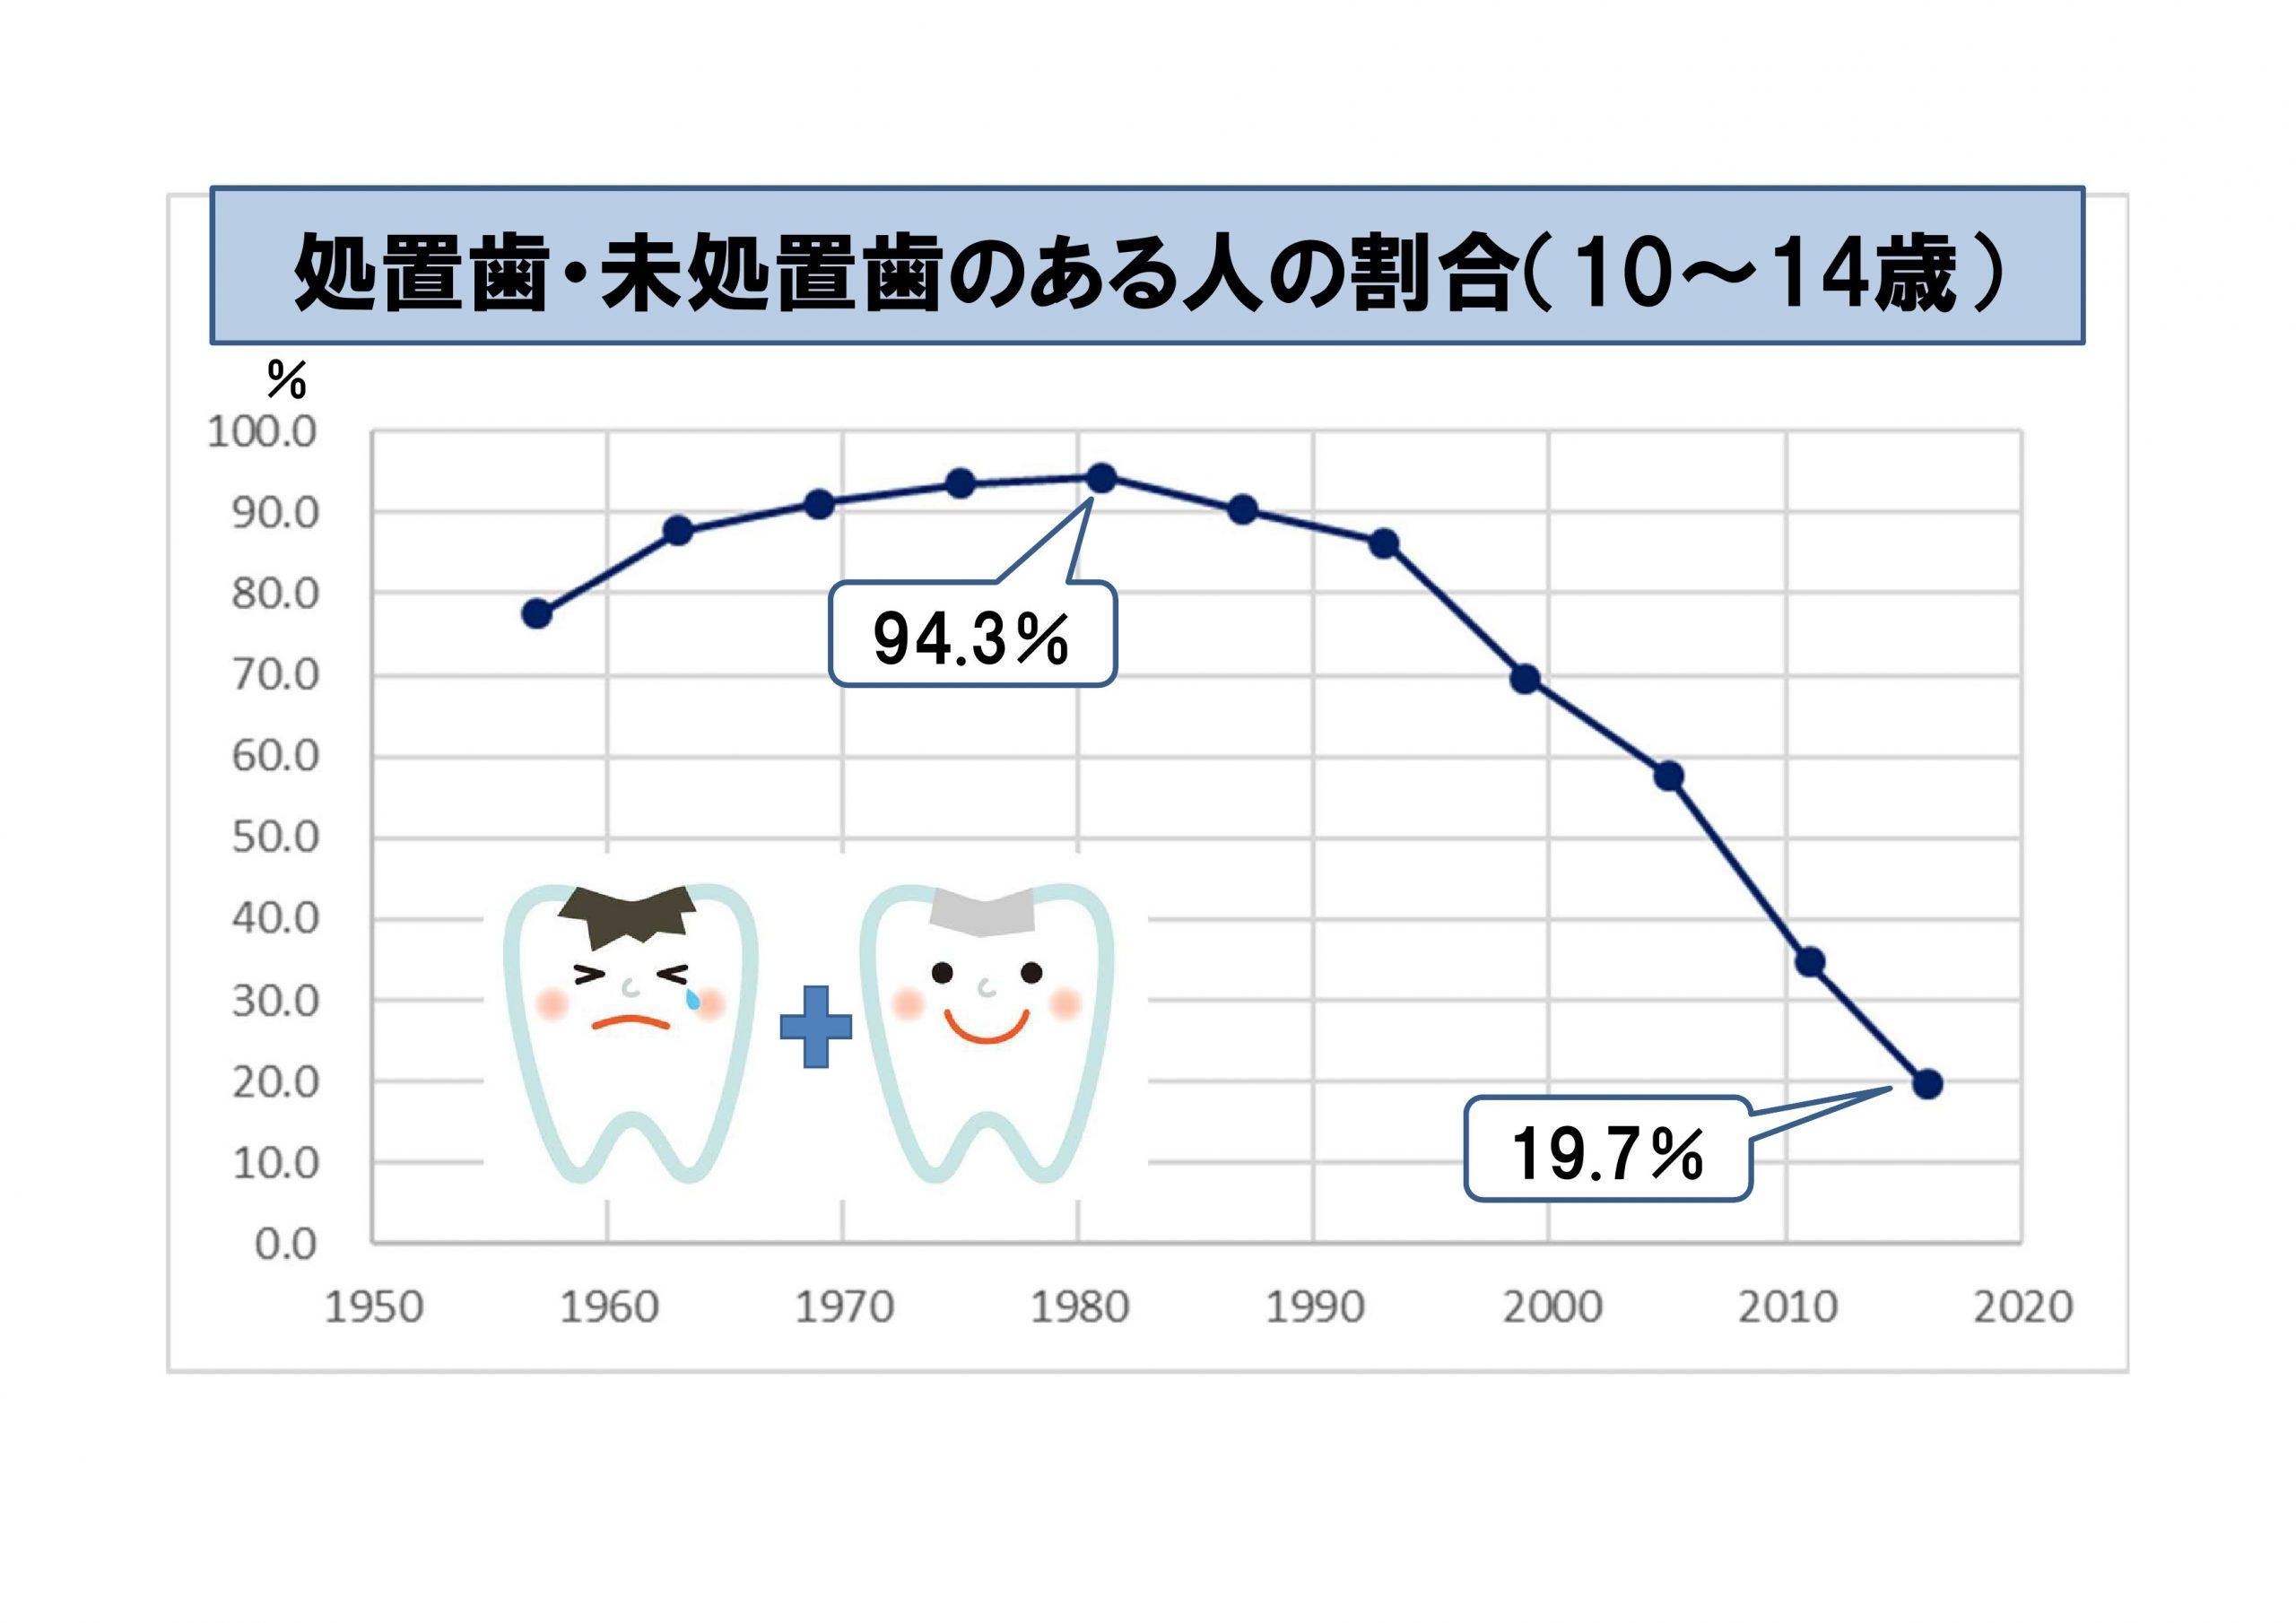 処置歯・未処置歯のある人の割合(10~14歳)